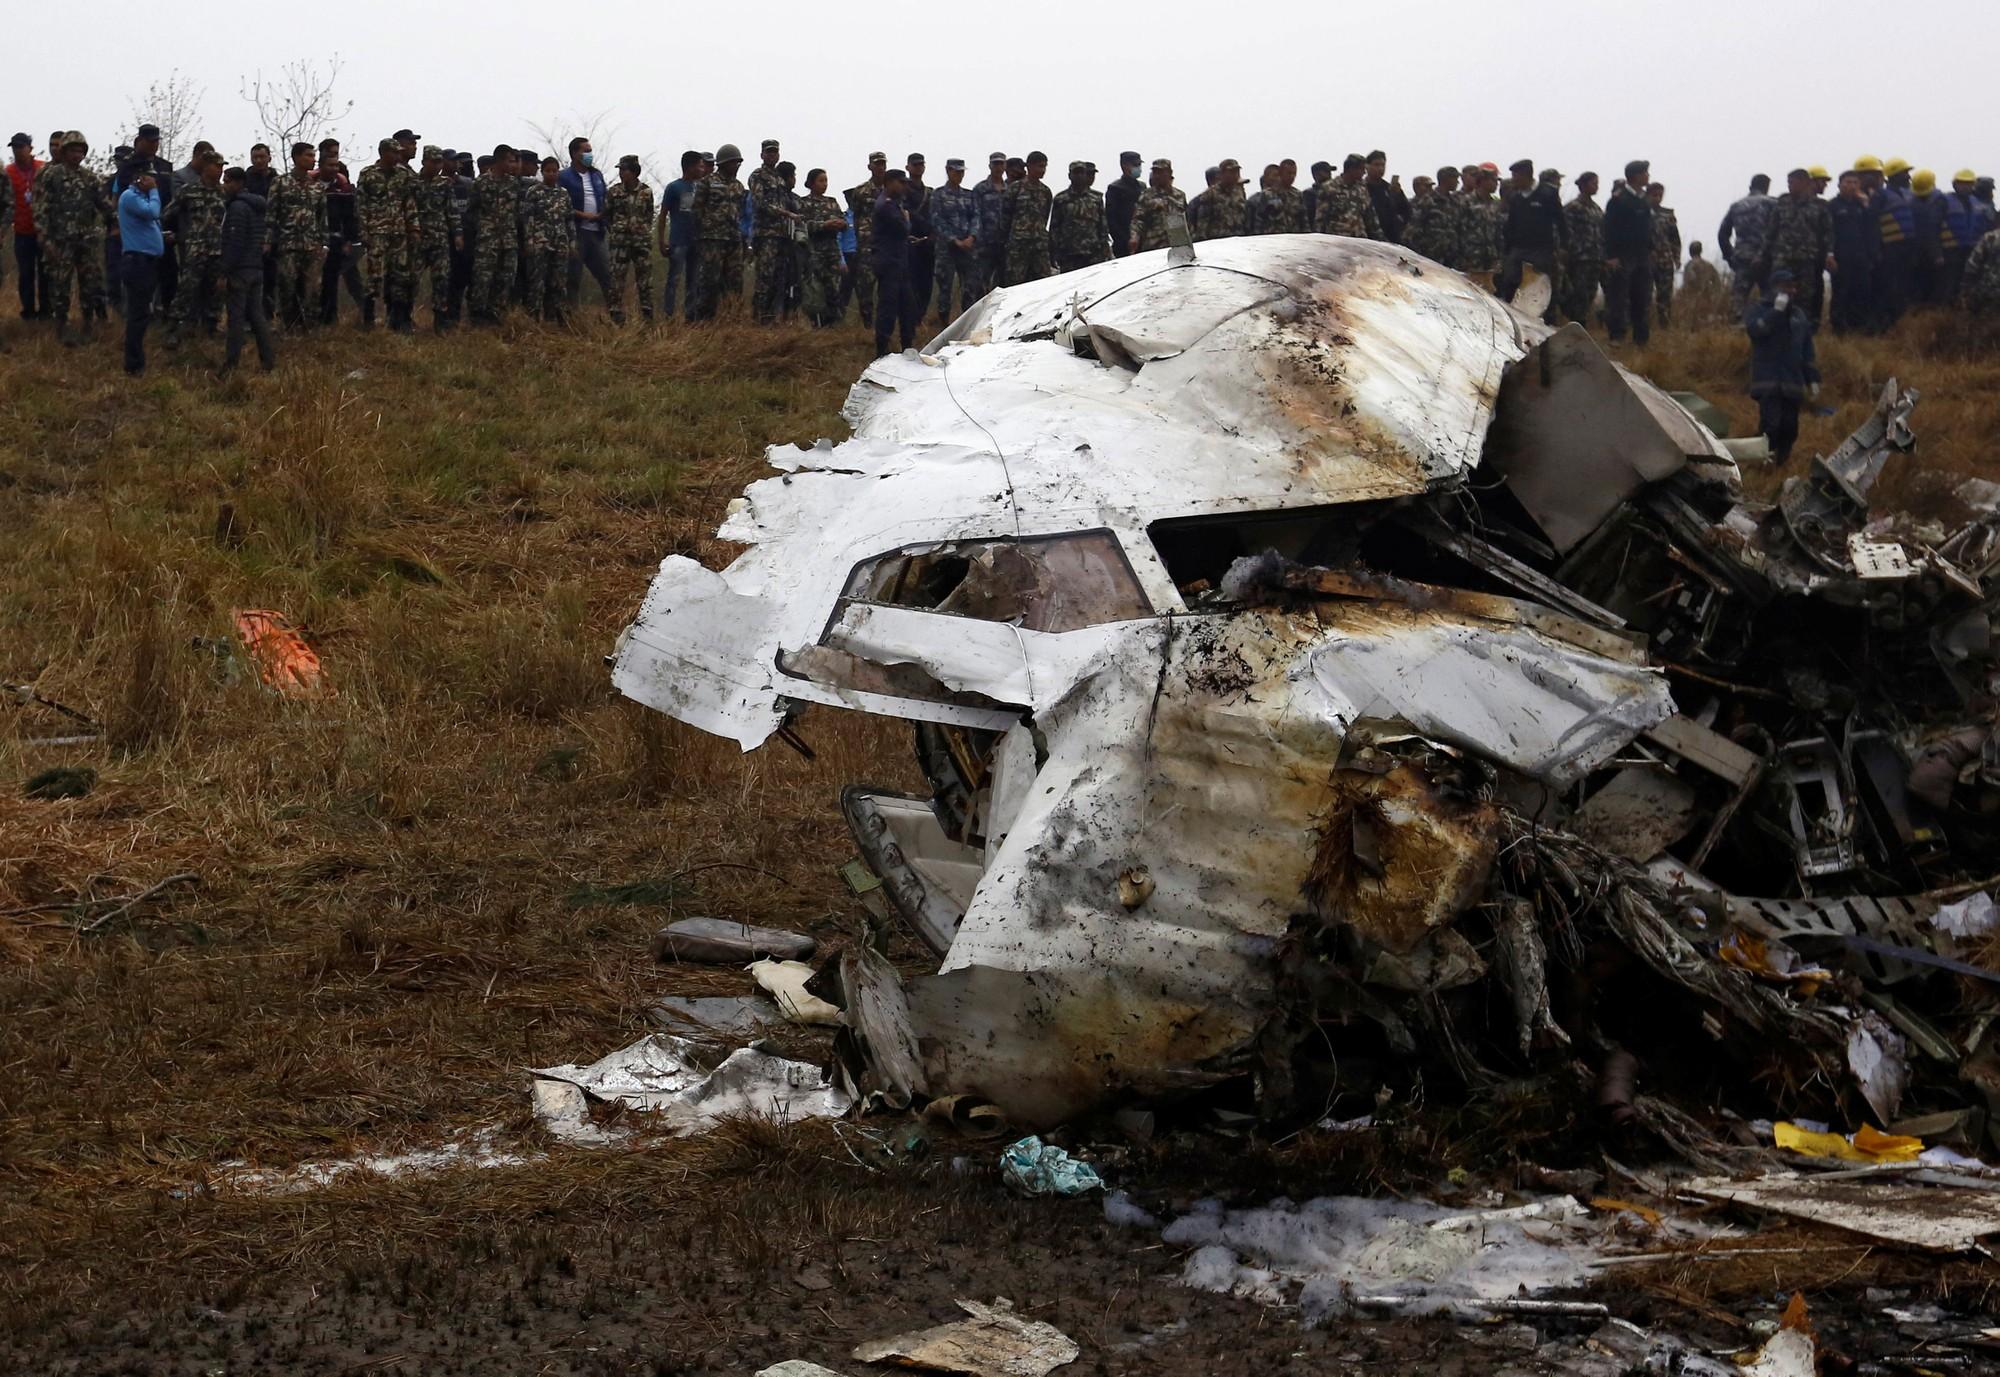 Tragédia: avião cai perto de aeroporto e deixa pelo menos 50 mortos